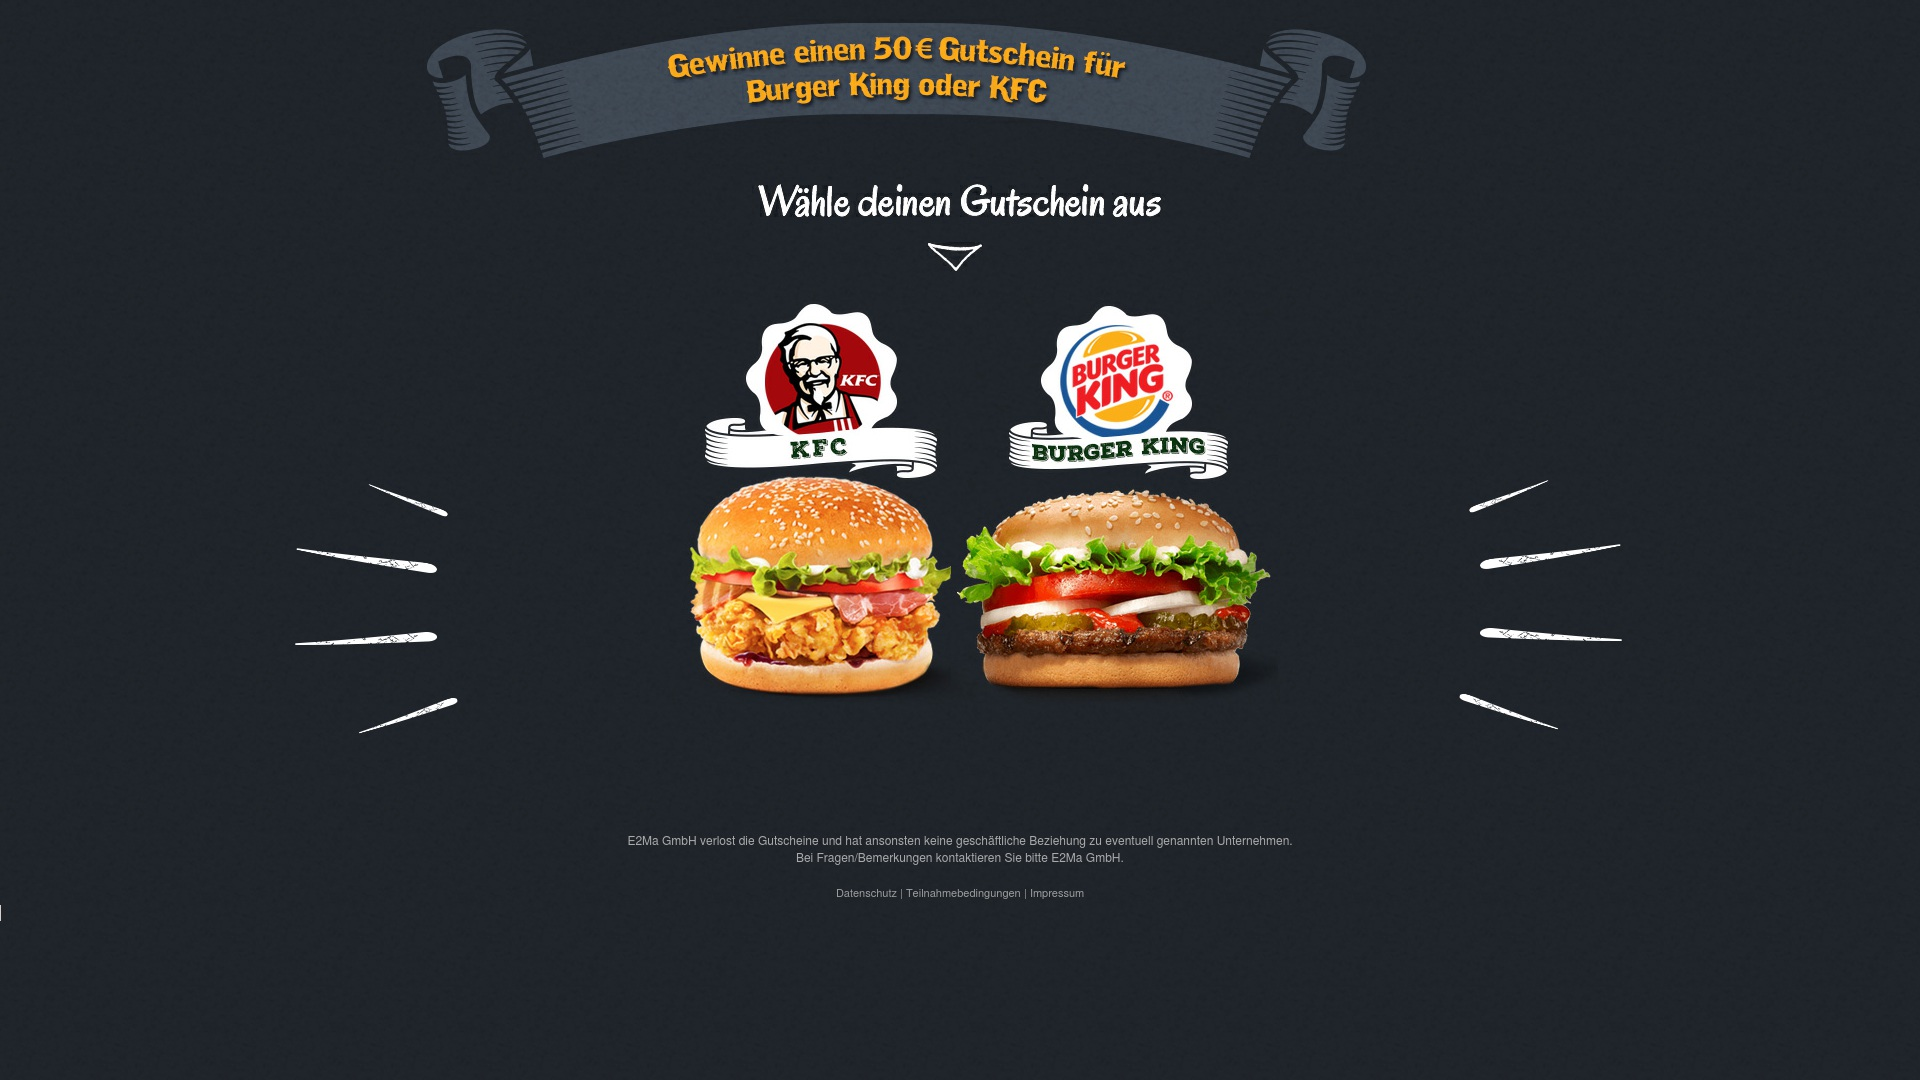 Gutschein für Burger-gewinnen: Rabatte für  Burger-gewinnen sichern